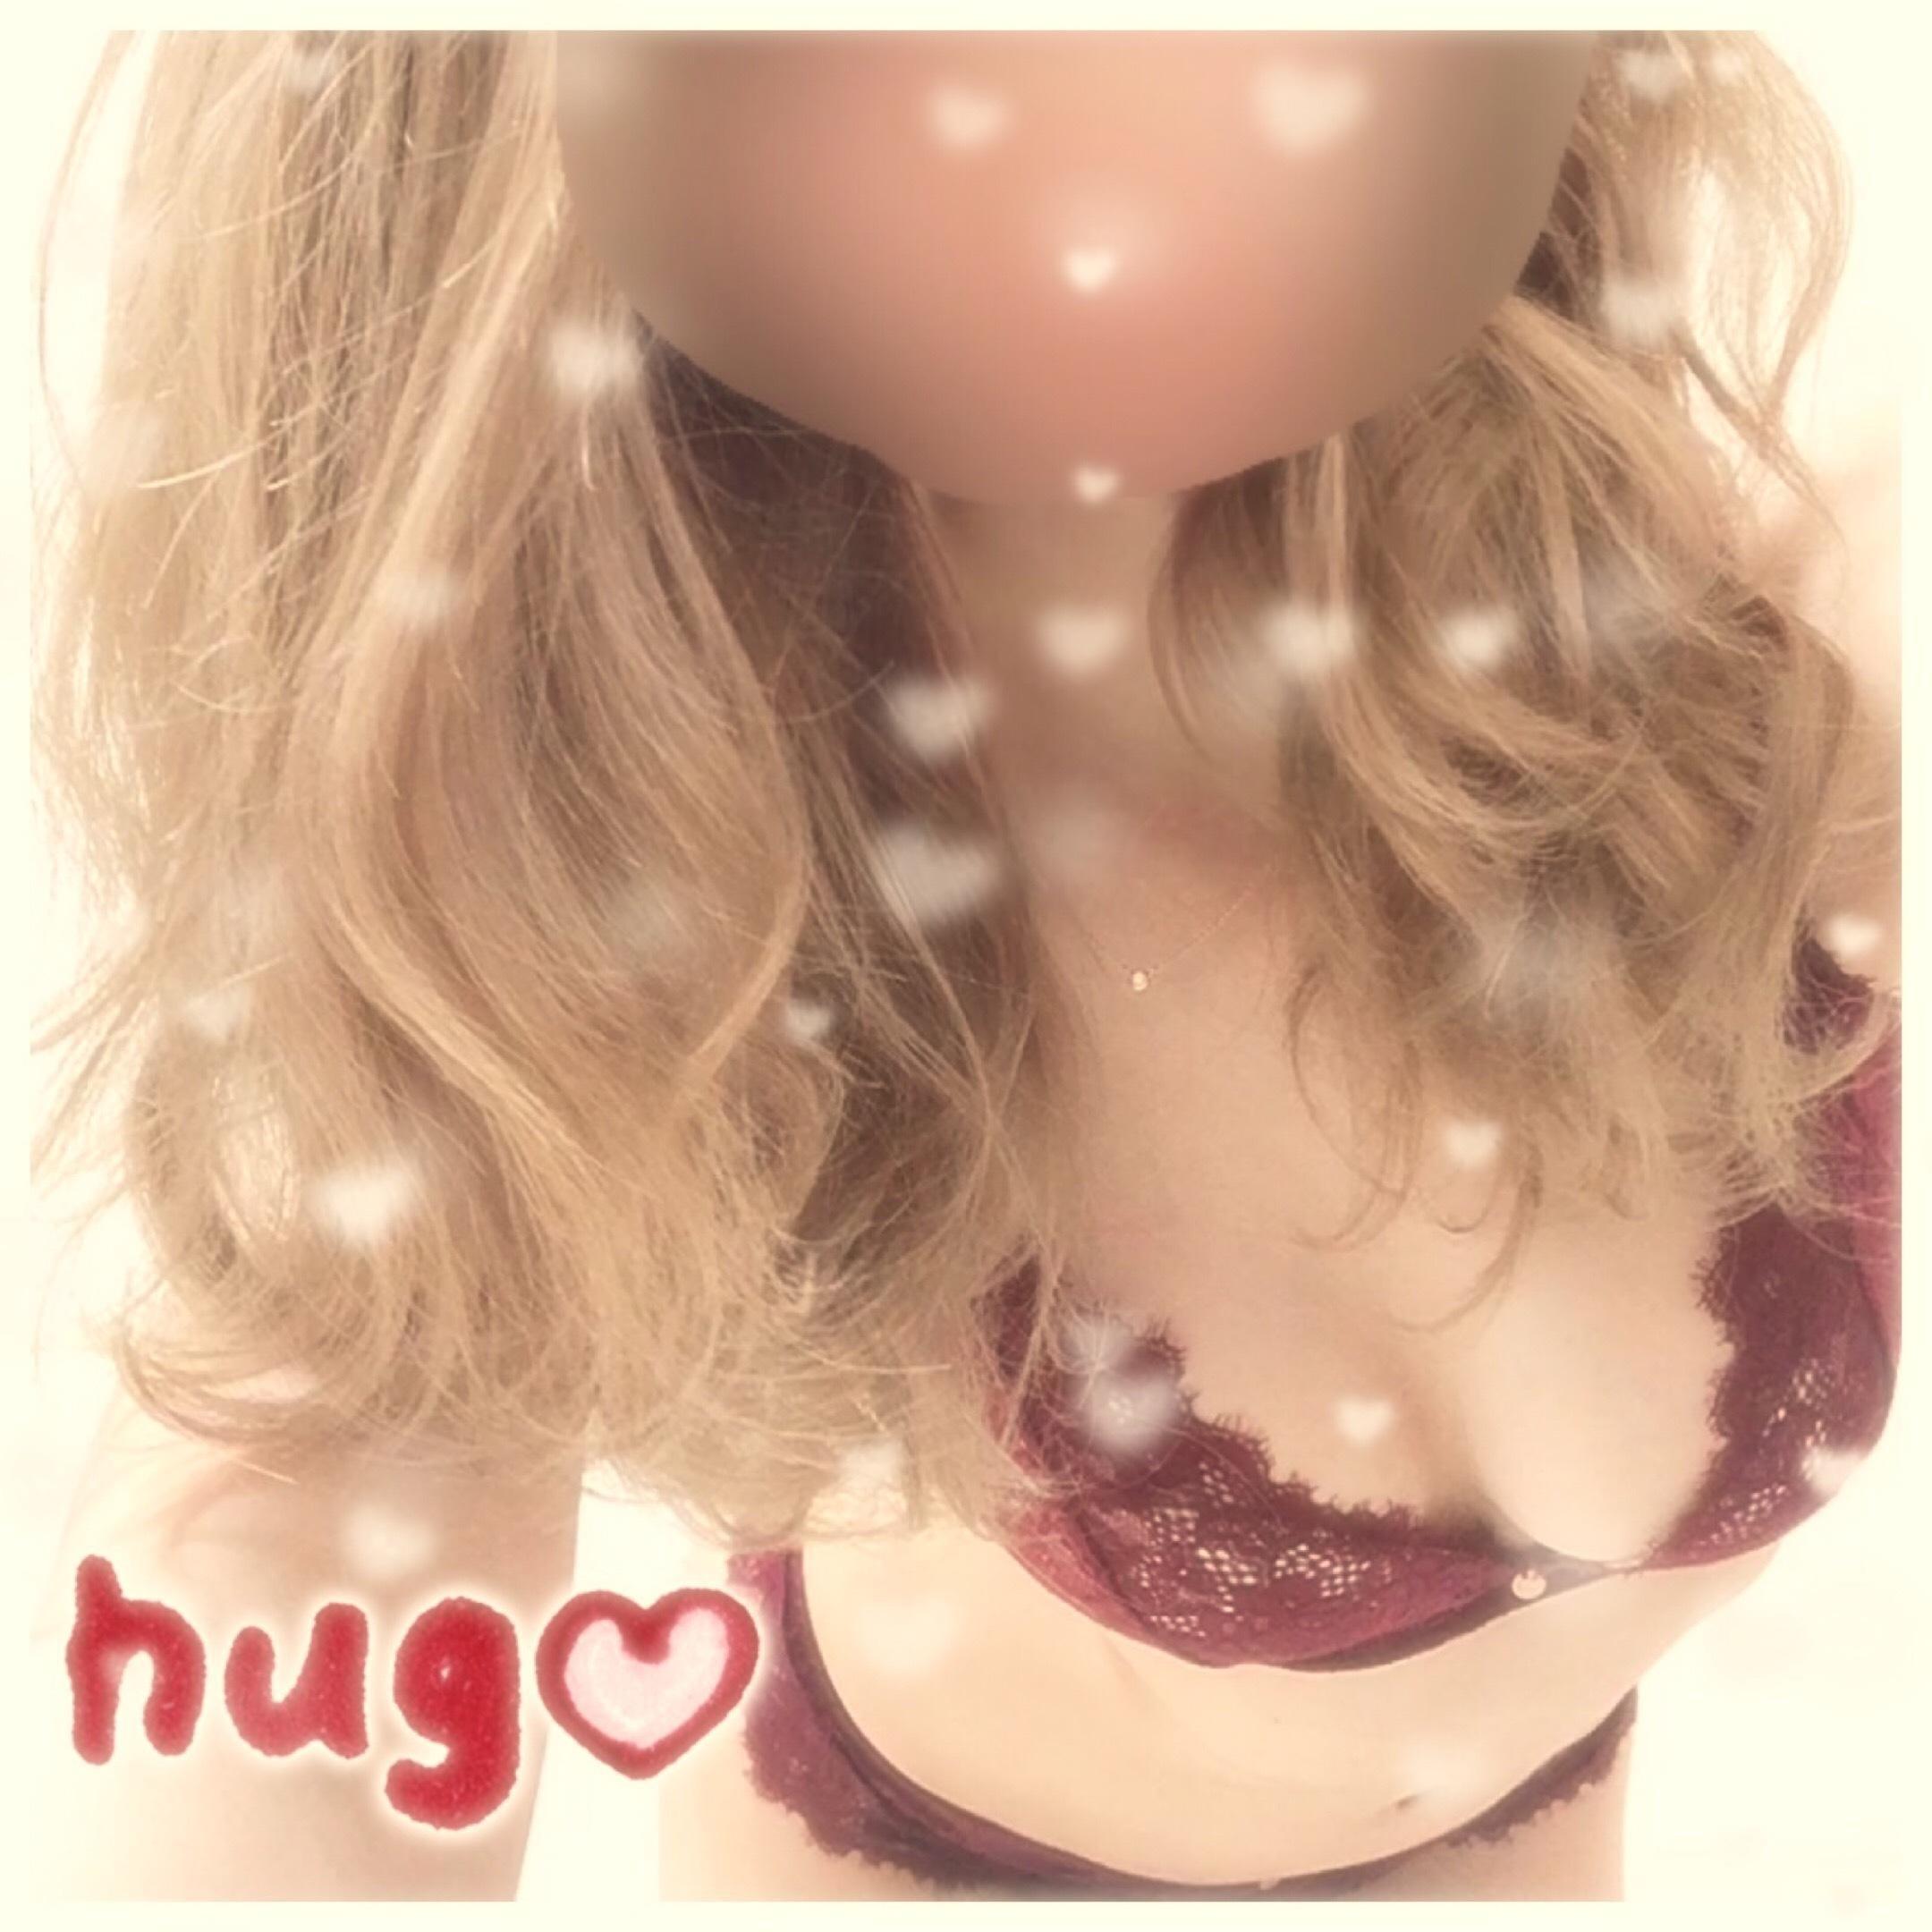 「hug *」11/16(金) 13:43 | 一ノ瀬さやかの写メ・風俗動画